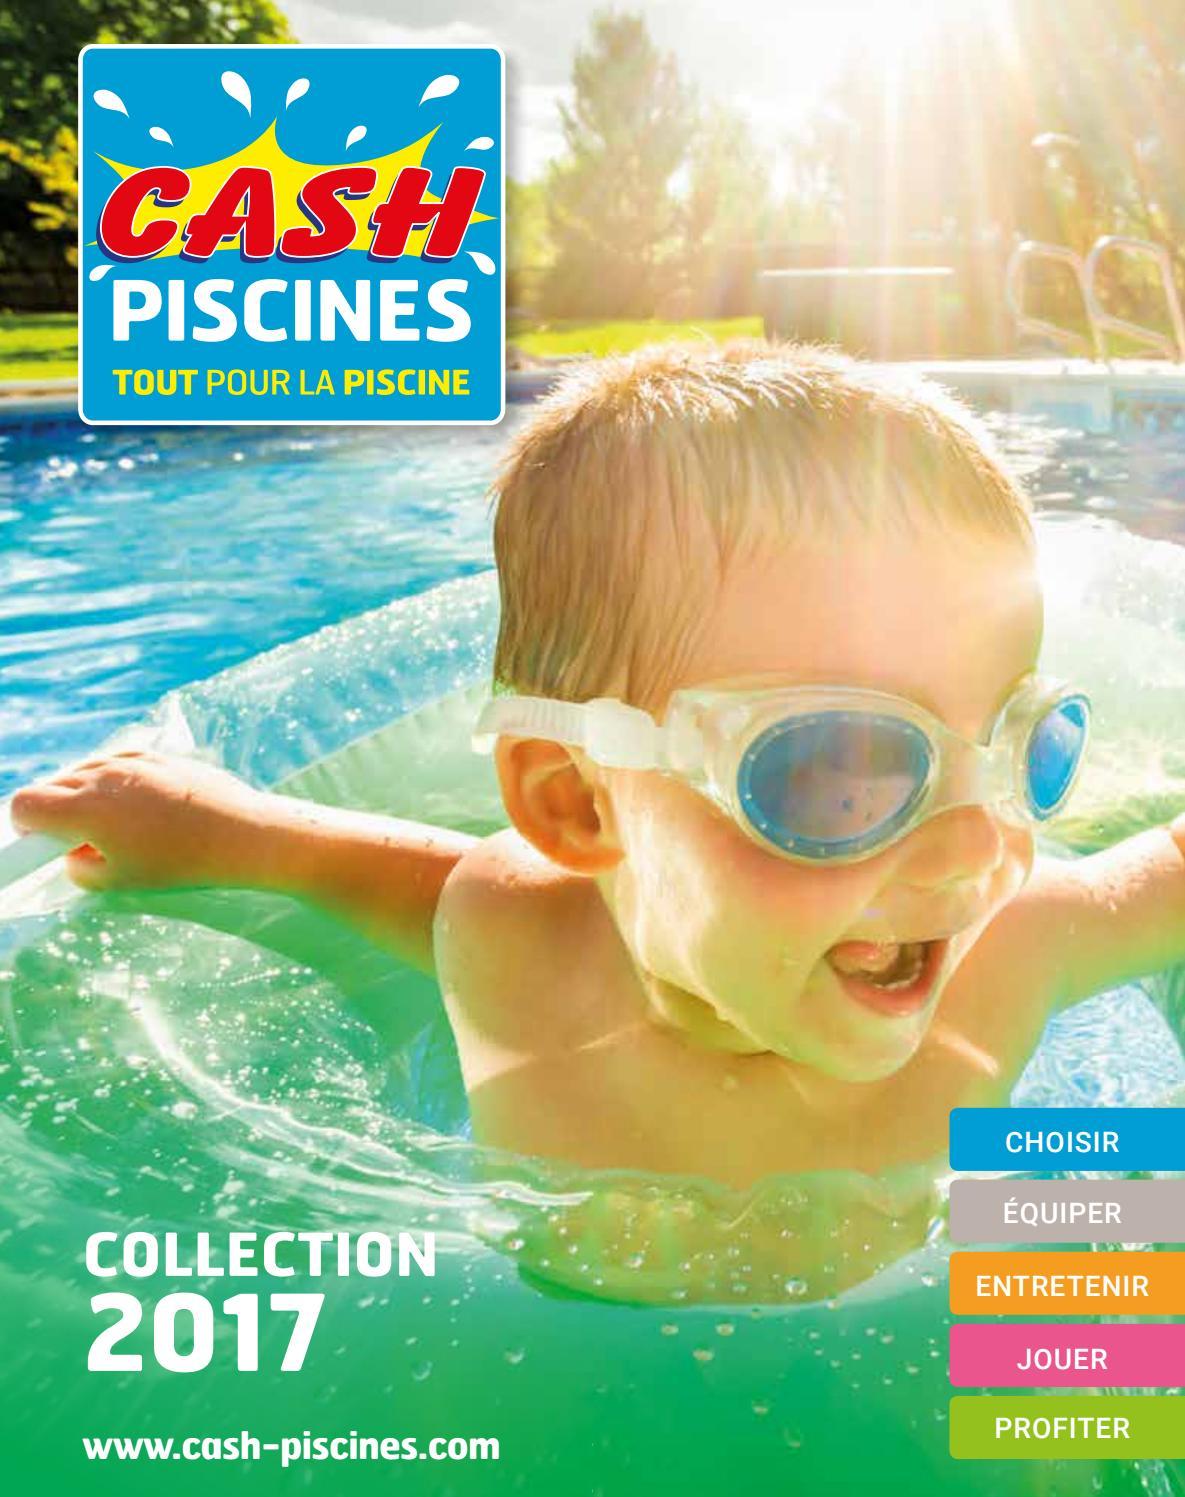 Catalogue Cash Piscine 2017 By Octave Octave - Issuu destiné Cash Piscine La Roche Sur Yon